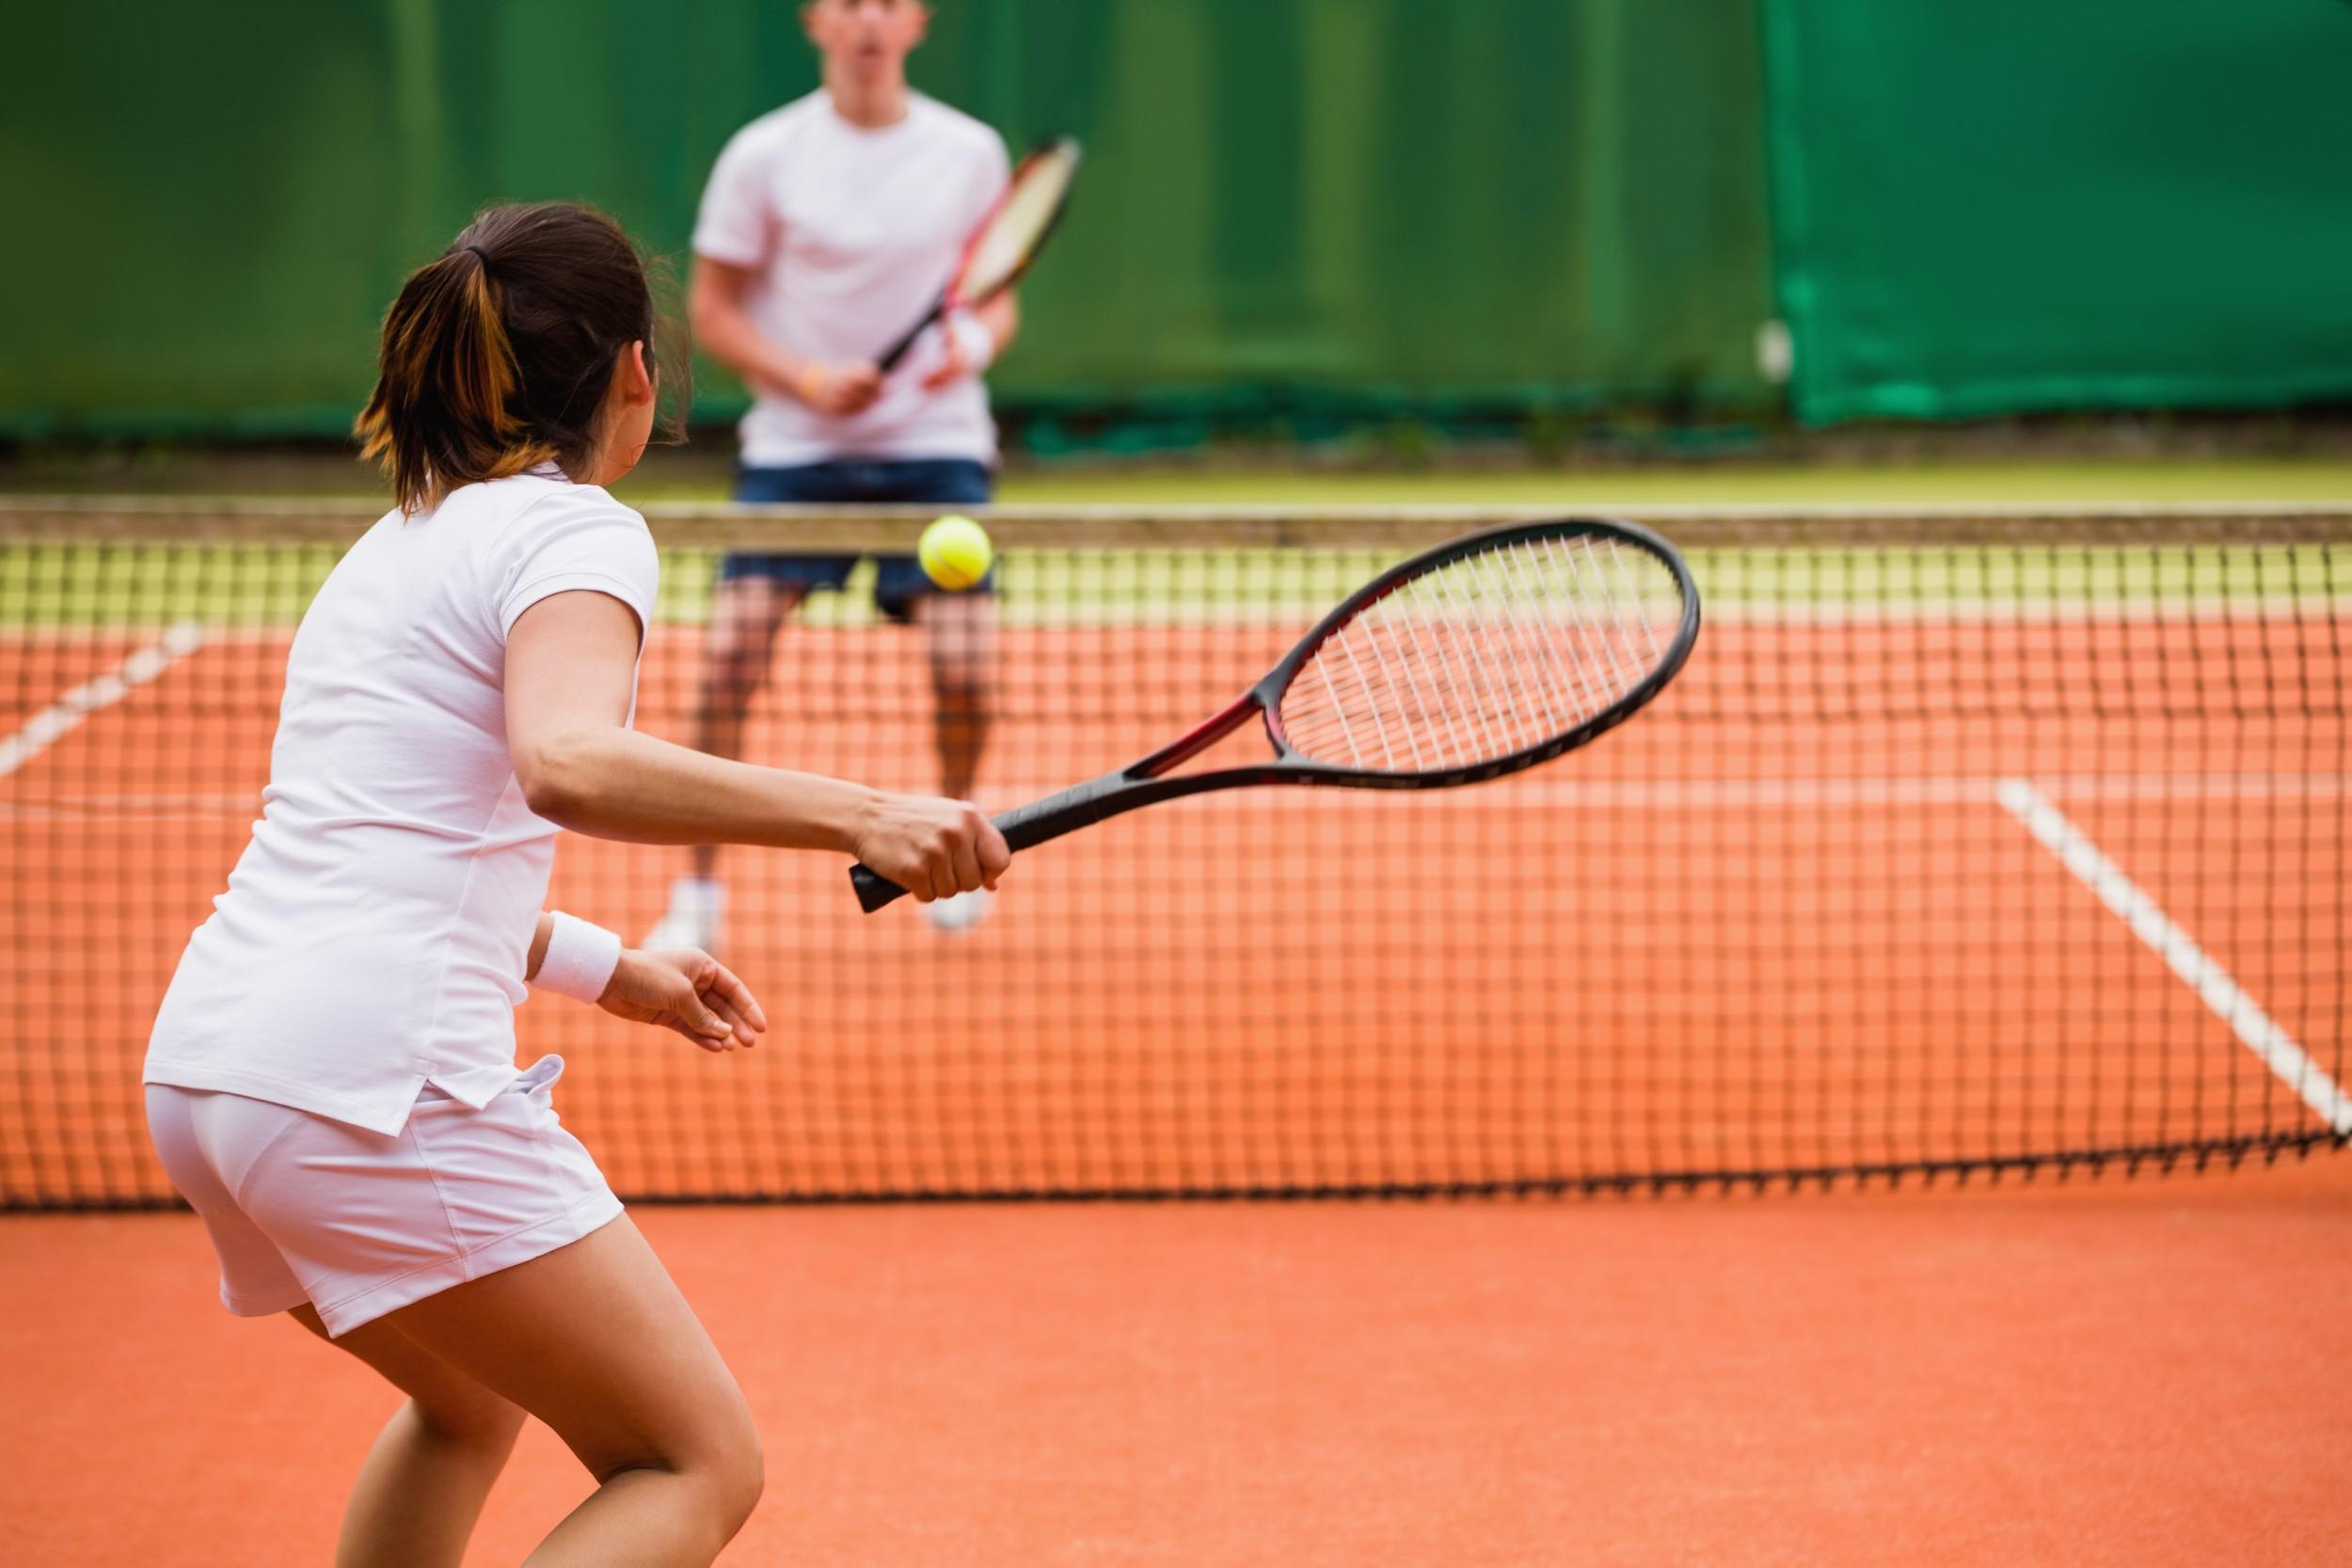 Equipamentos para evitar a tendinite no tênis